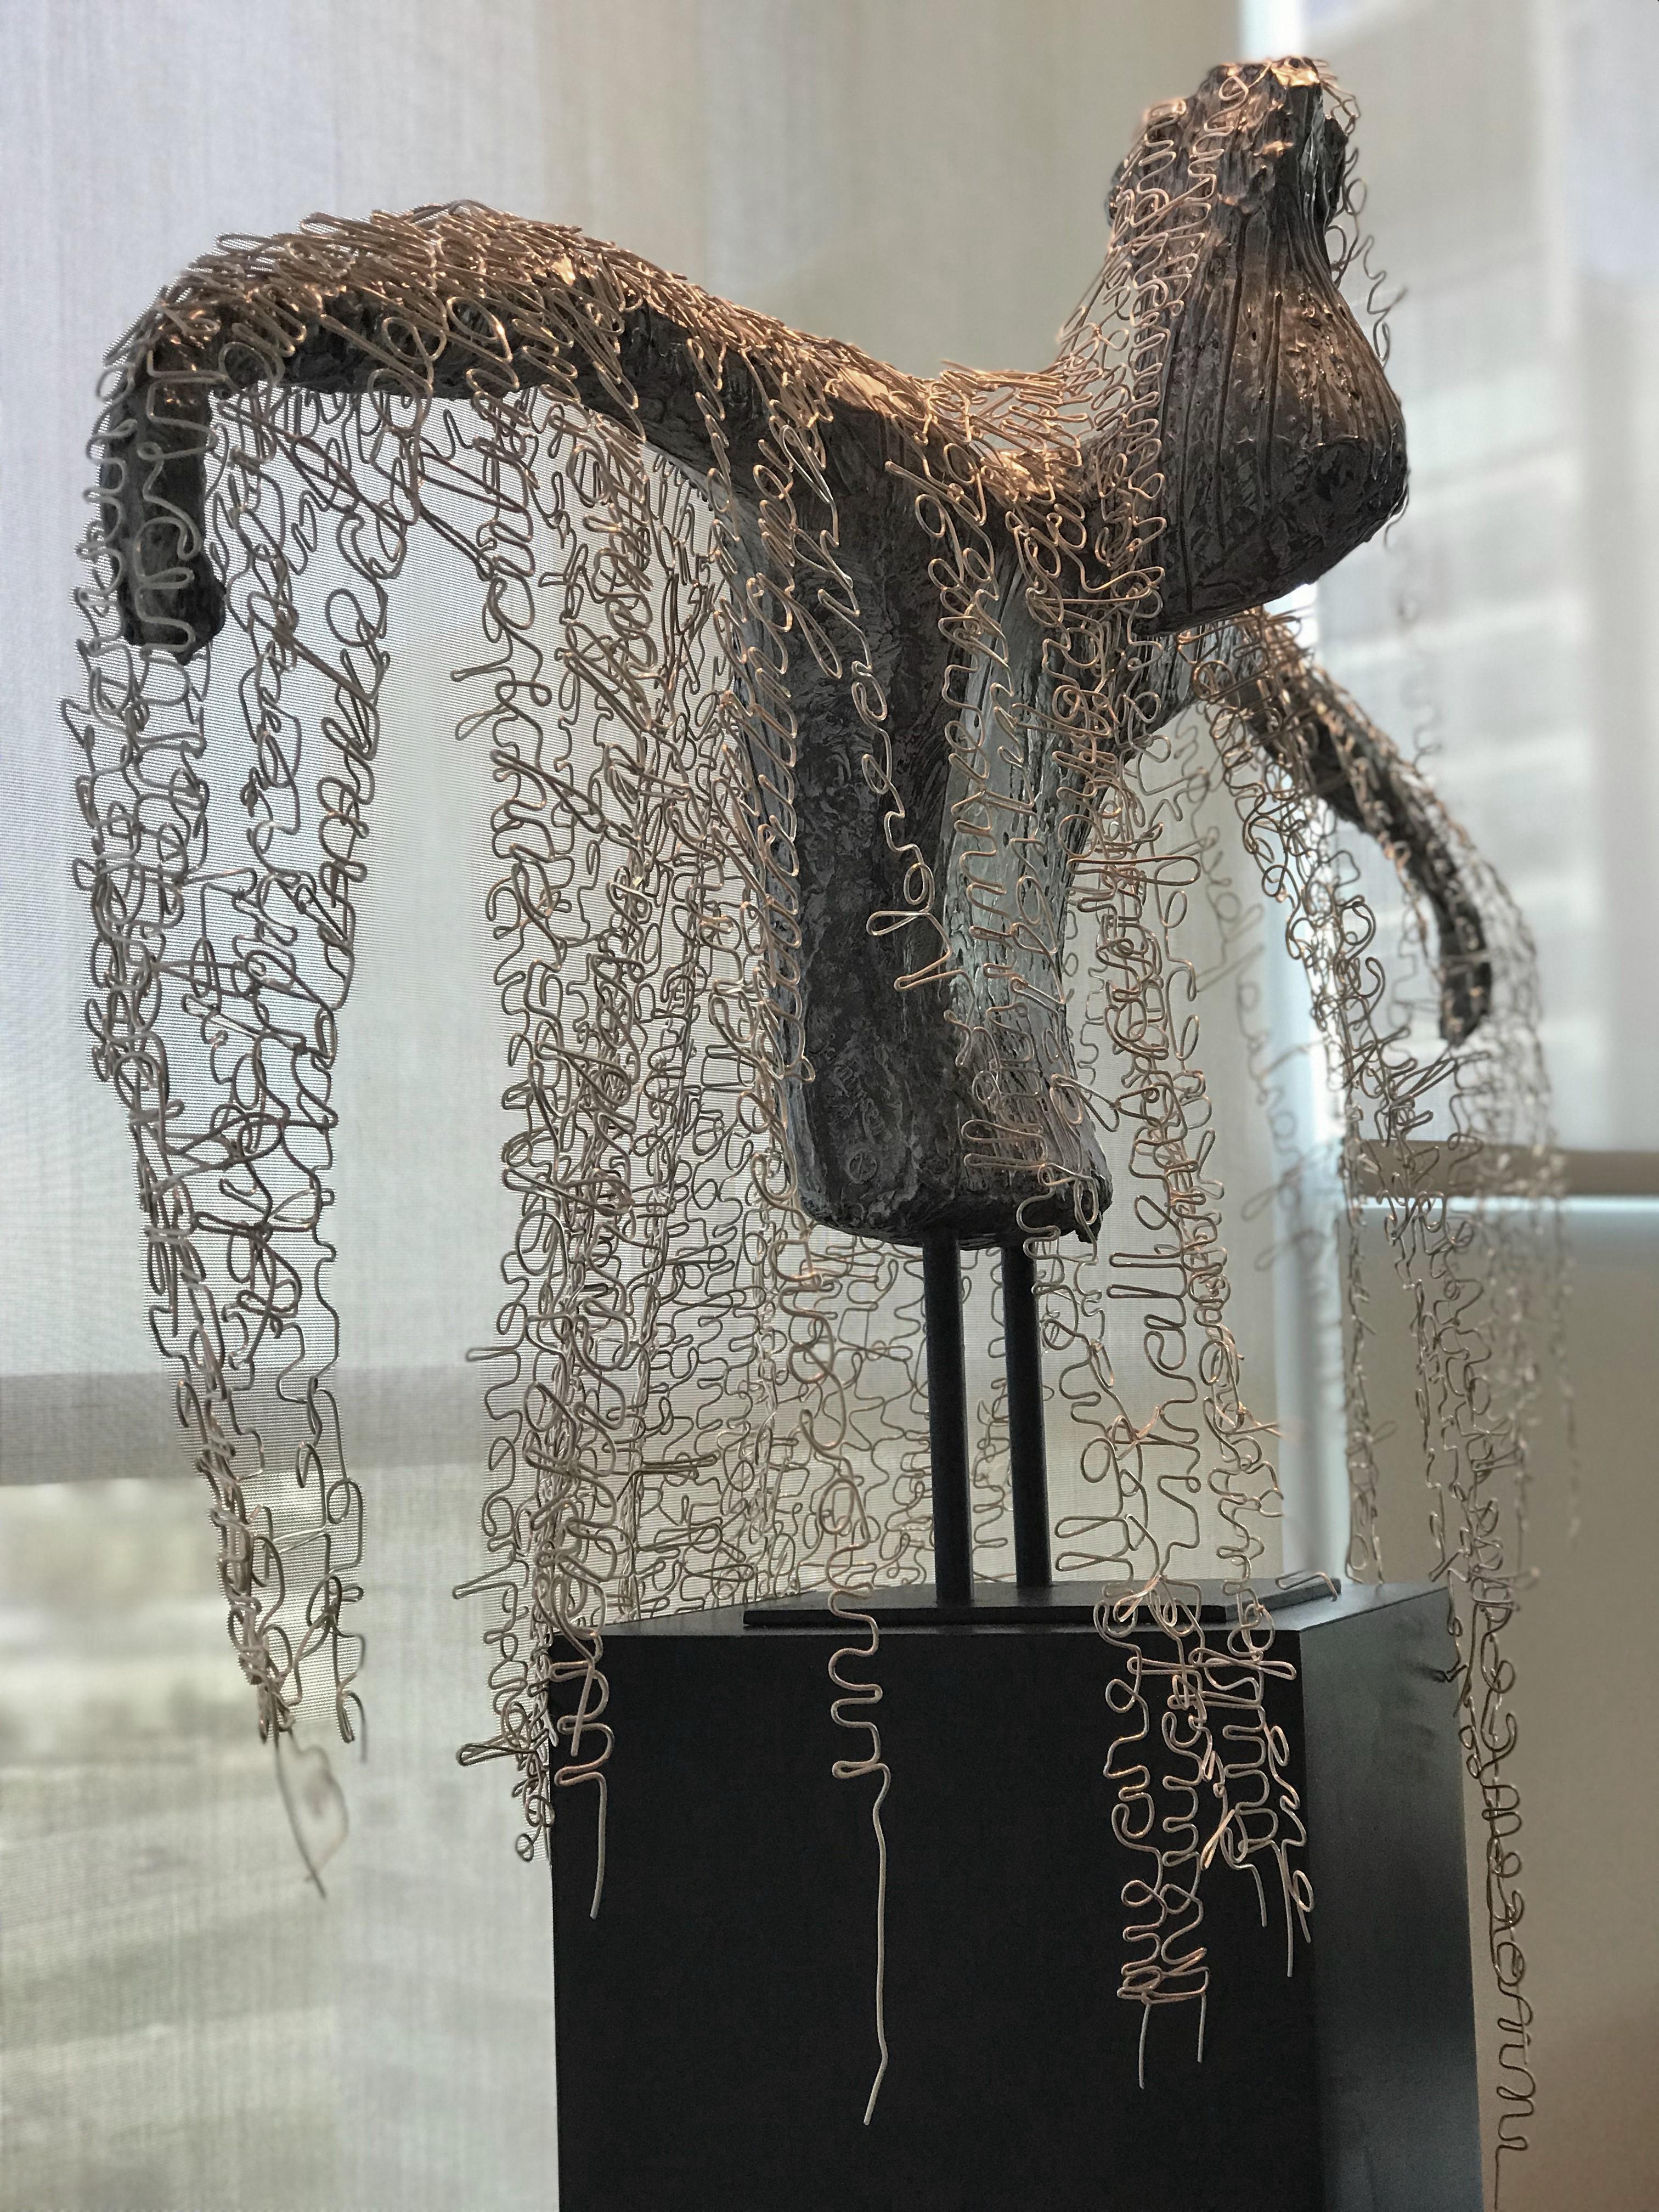 hansen - Water Rising - detail